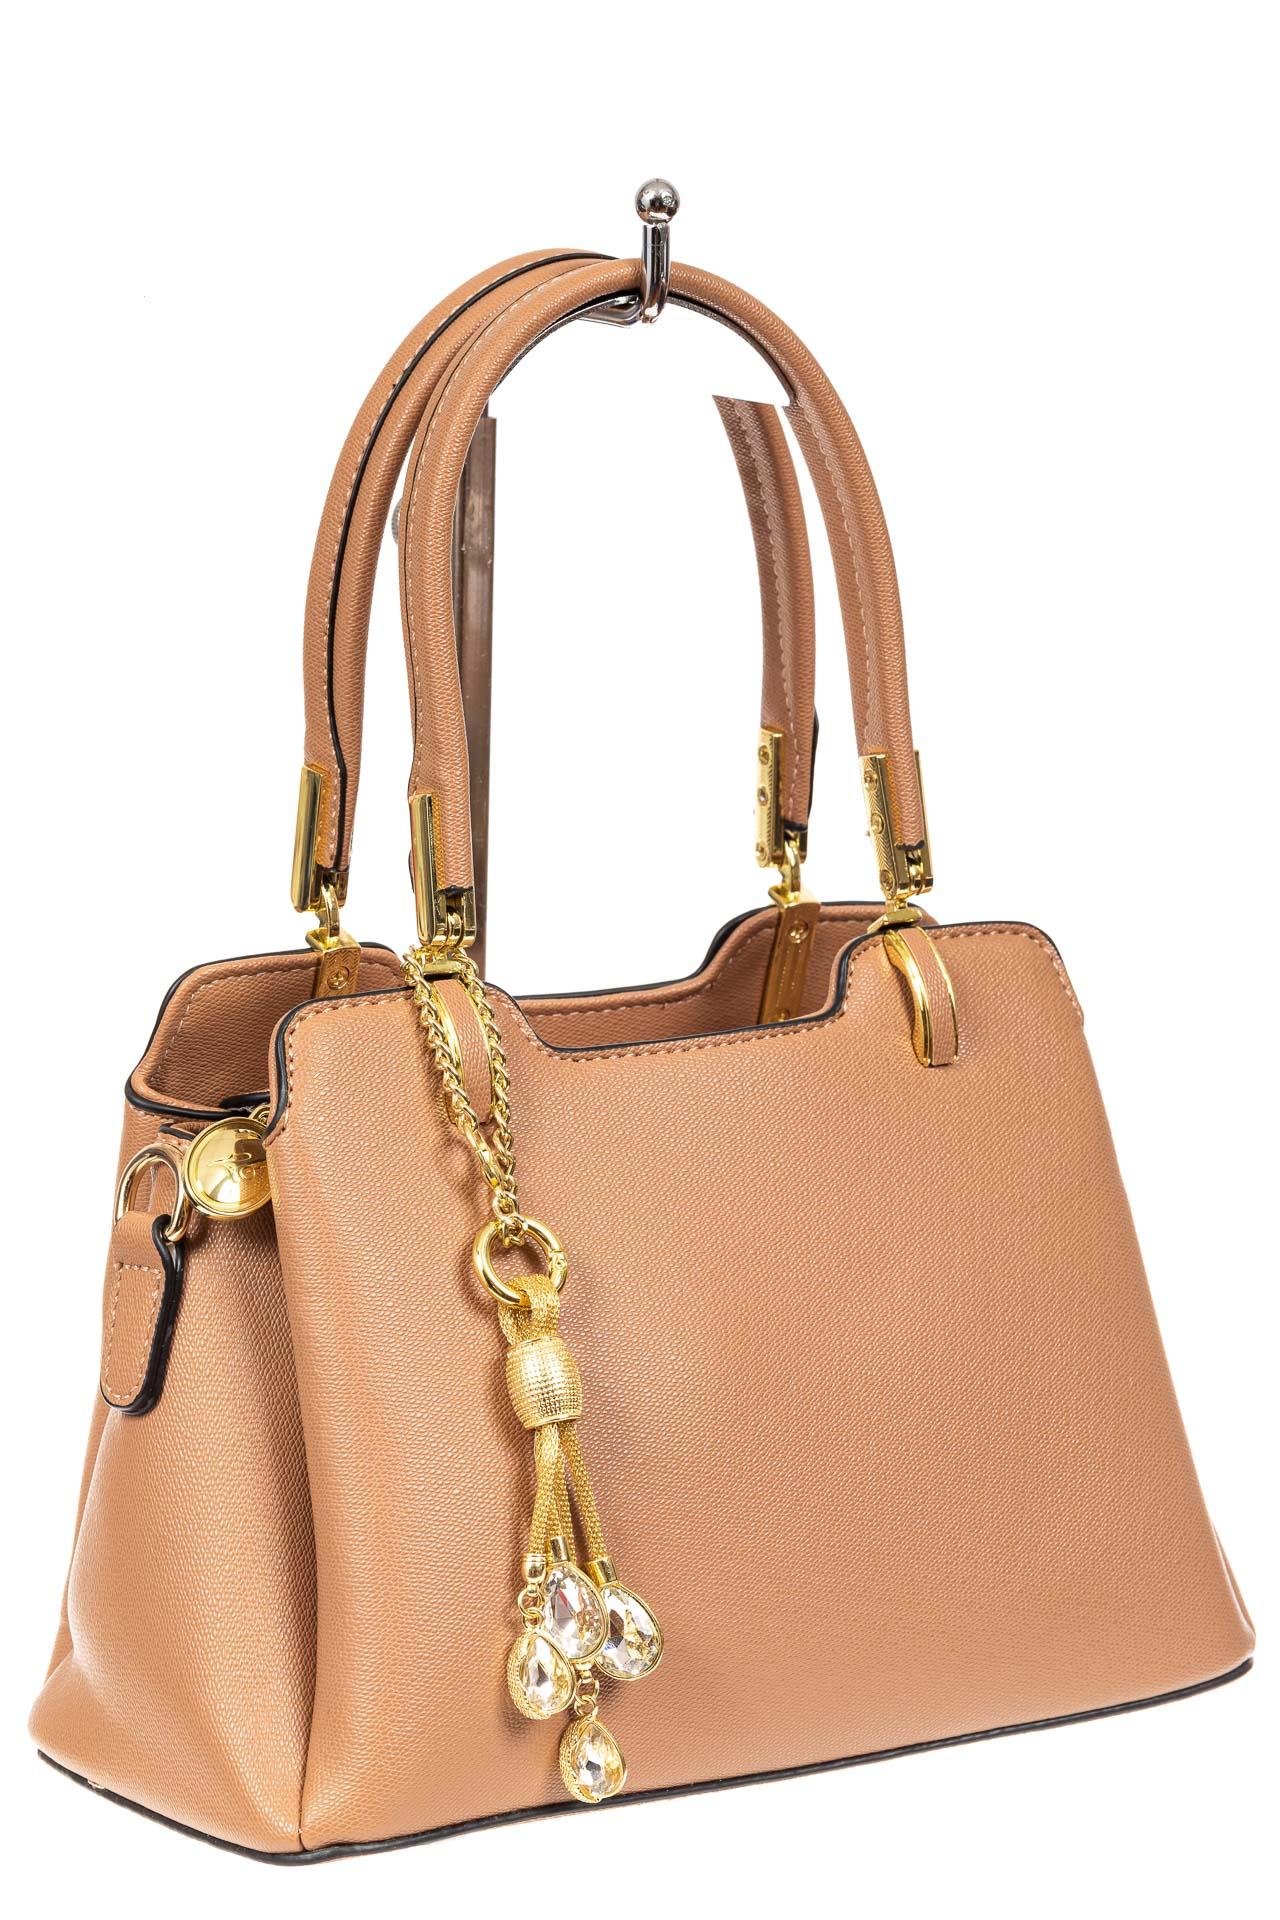 Женская сумка-трапеция из экокожи с подвеской, цвет бежевый1180PJ0420/10